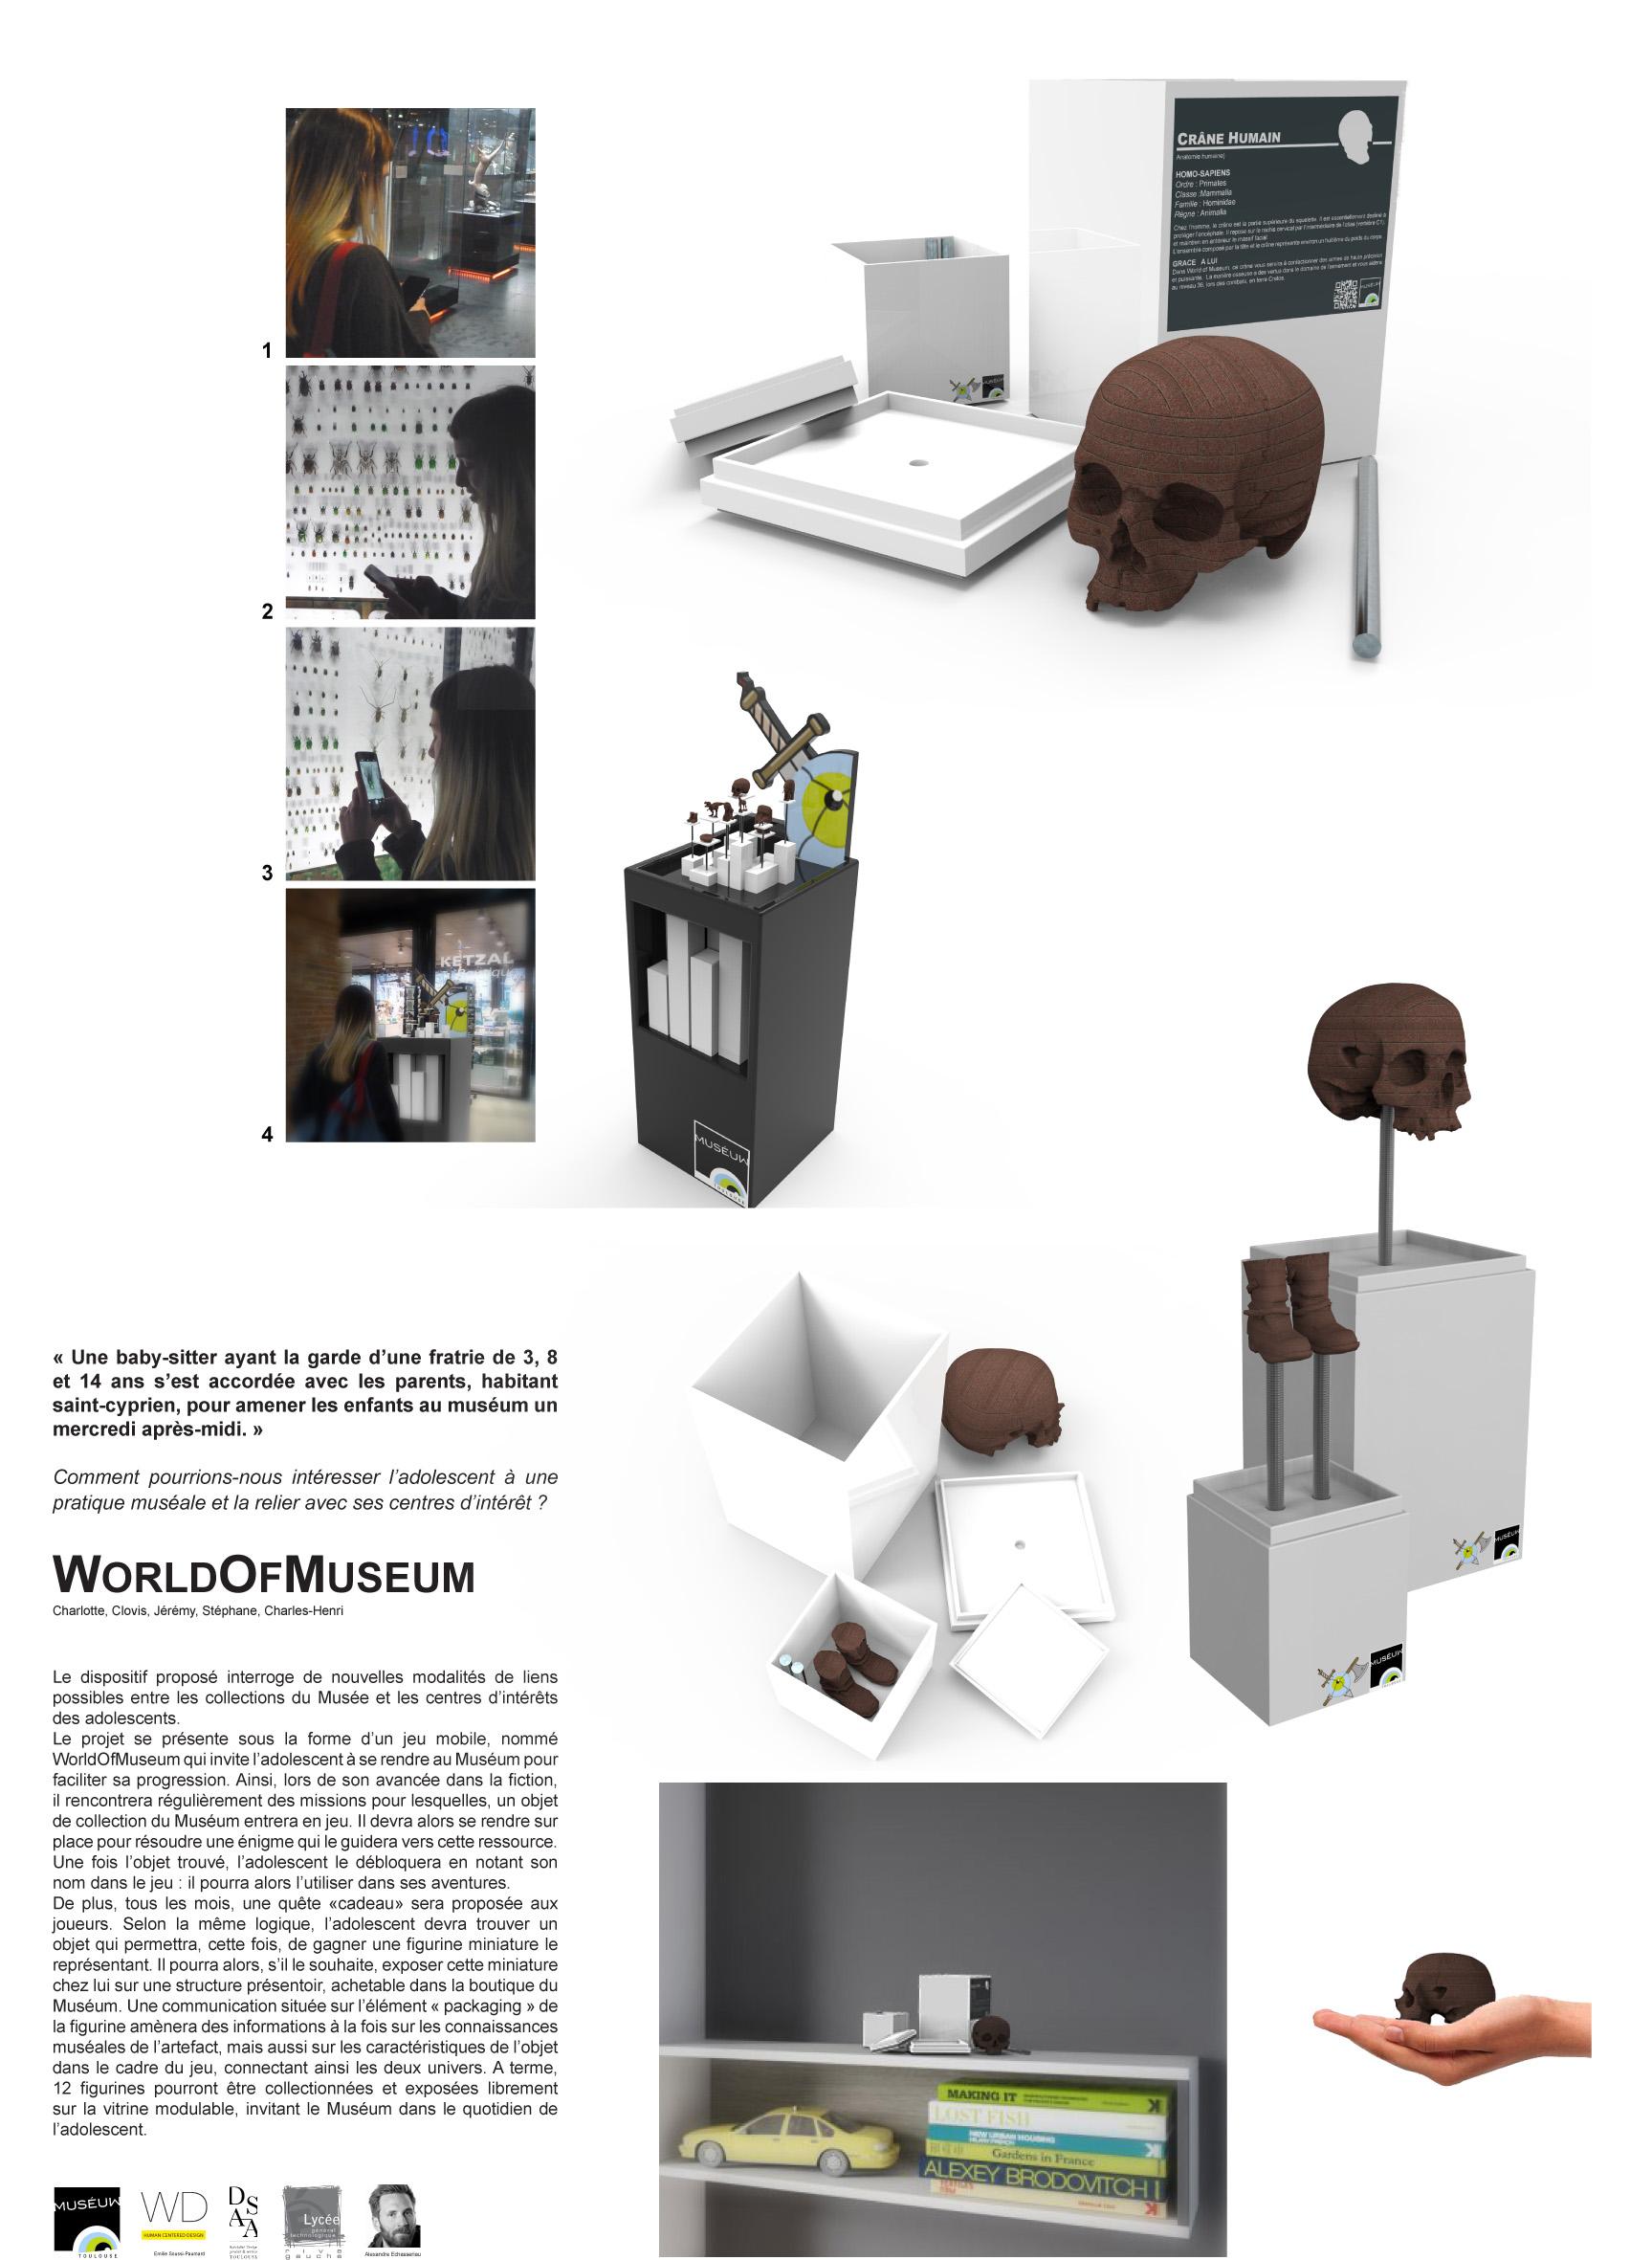 Dsaa Design Produit Toulouse 8 projets pour le muséum d'histoire naturelle de toulouse